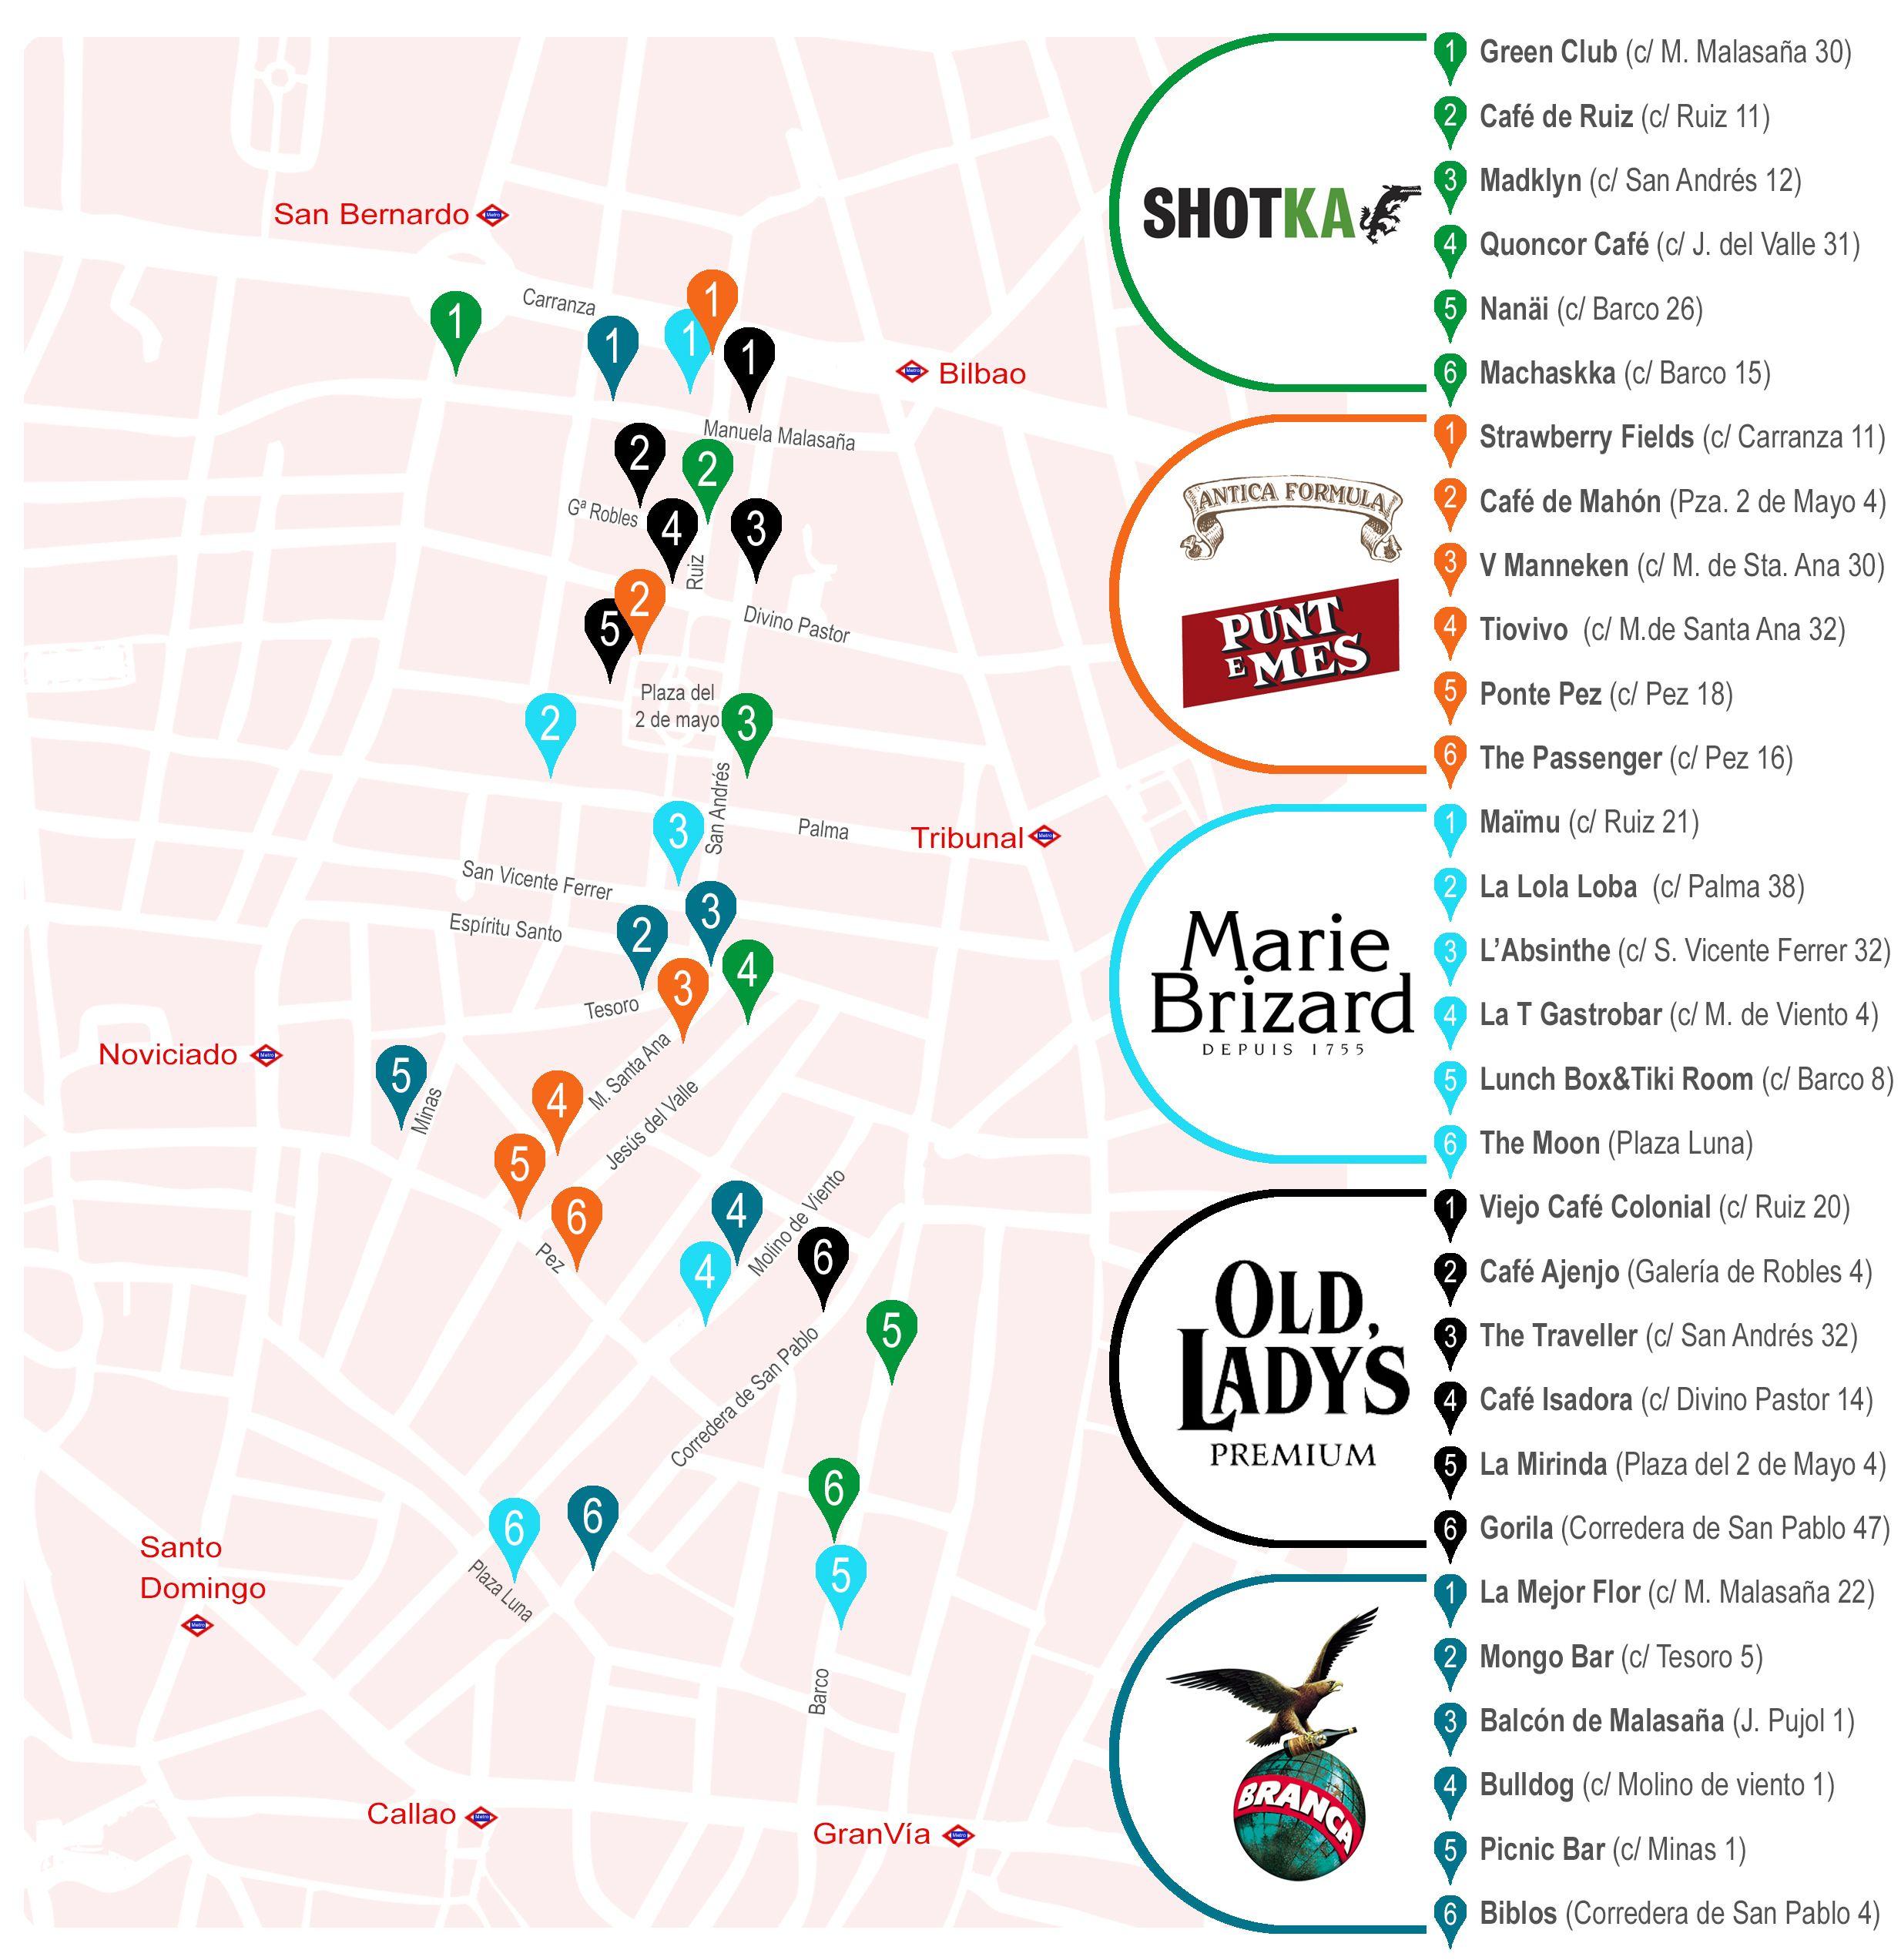 Mapa de los locales participantes en Coctelsaña 2015, por rutas